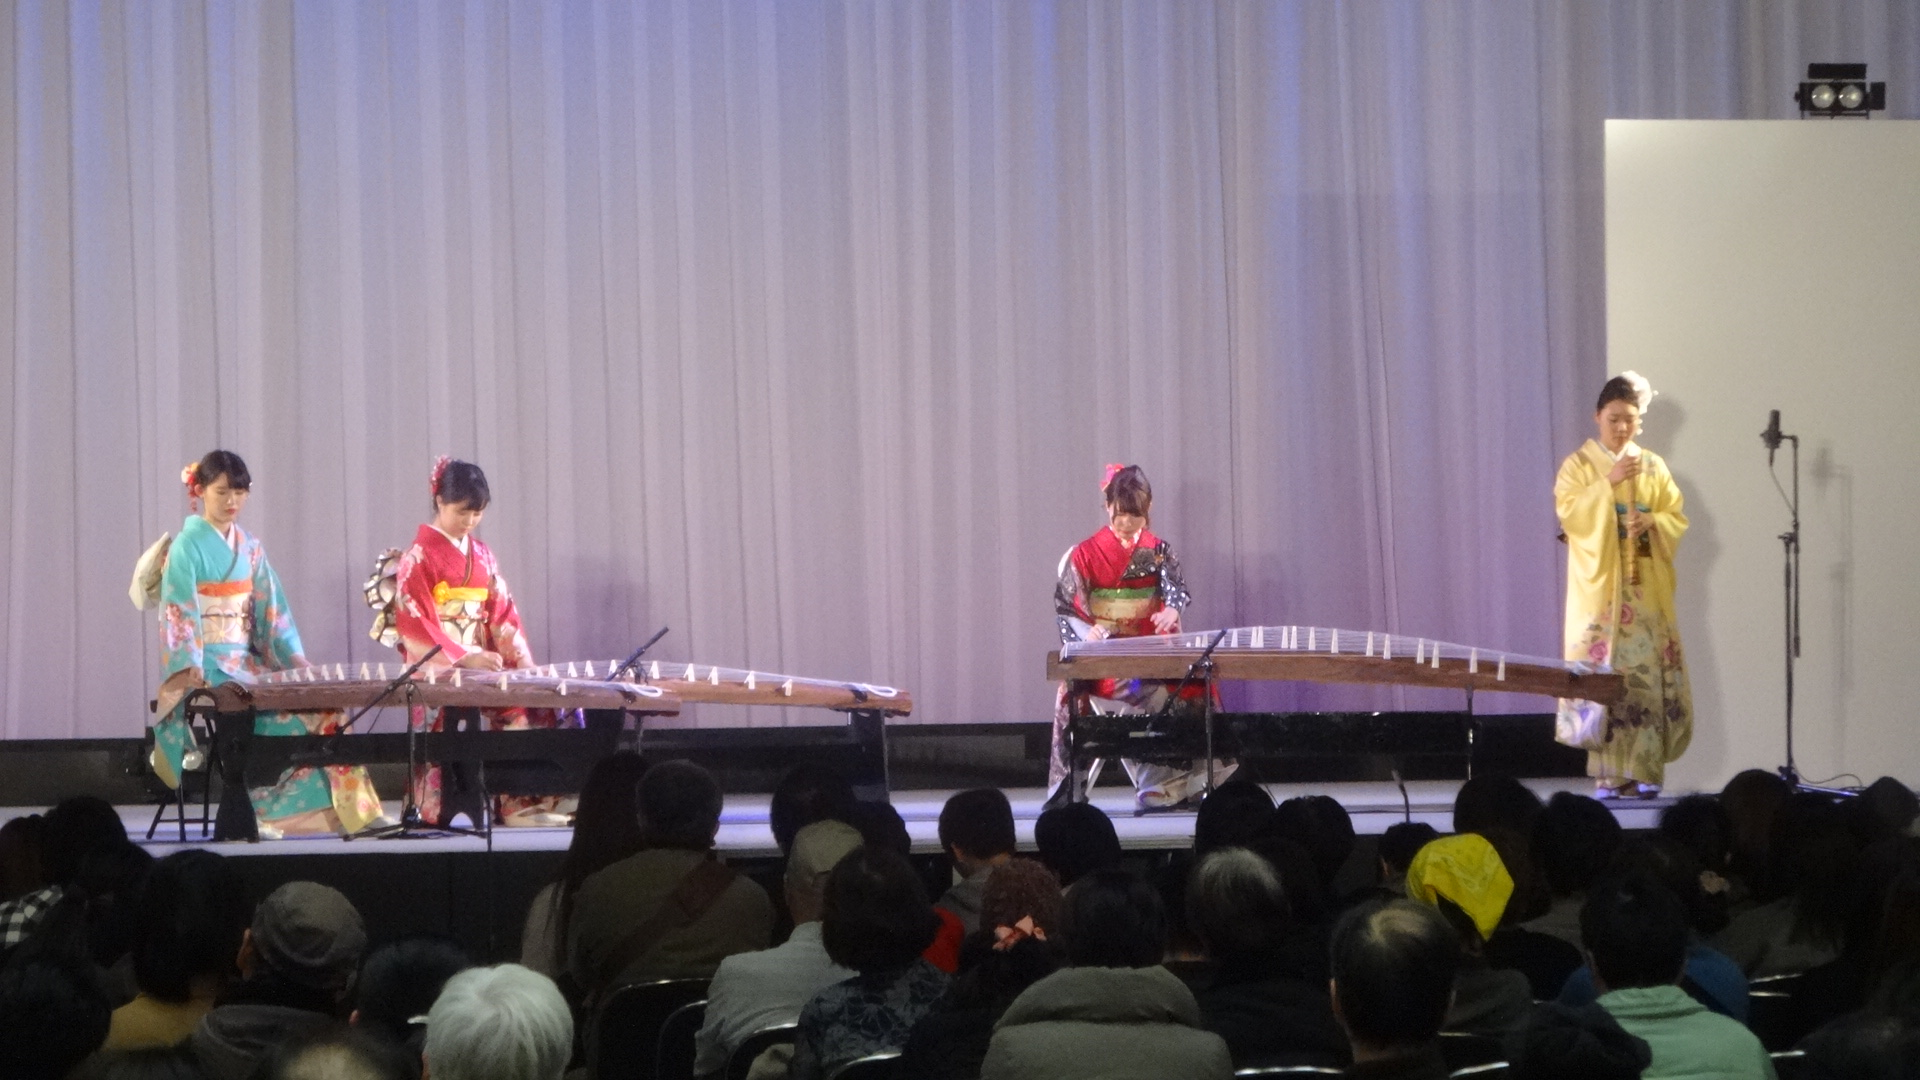 晴れ着の女性たちによるお琴の演奏